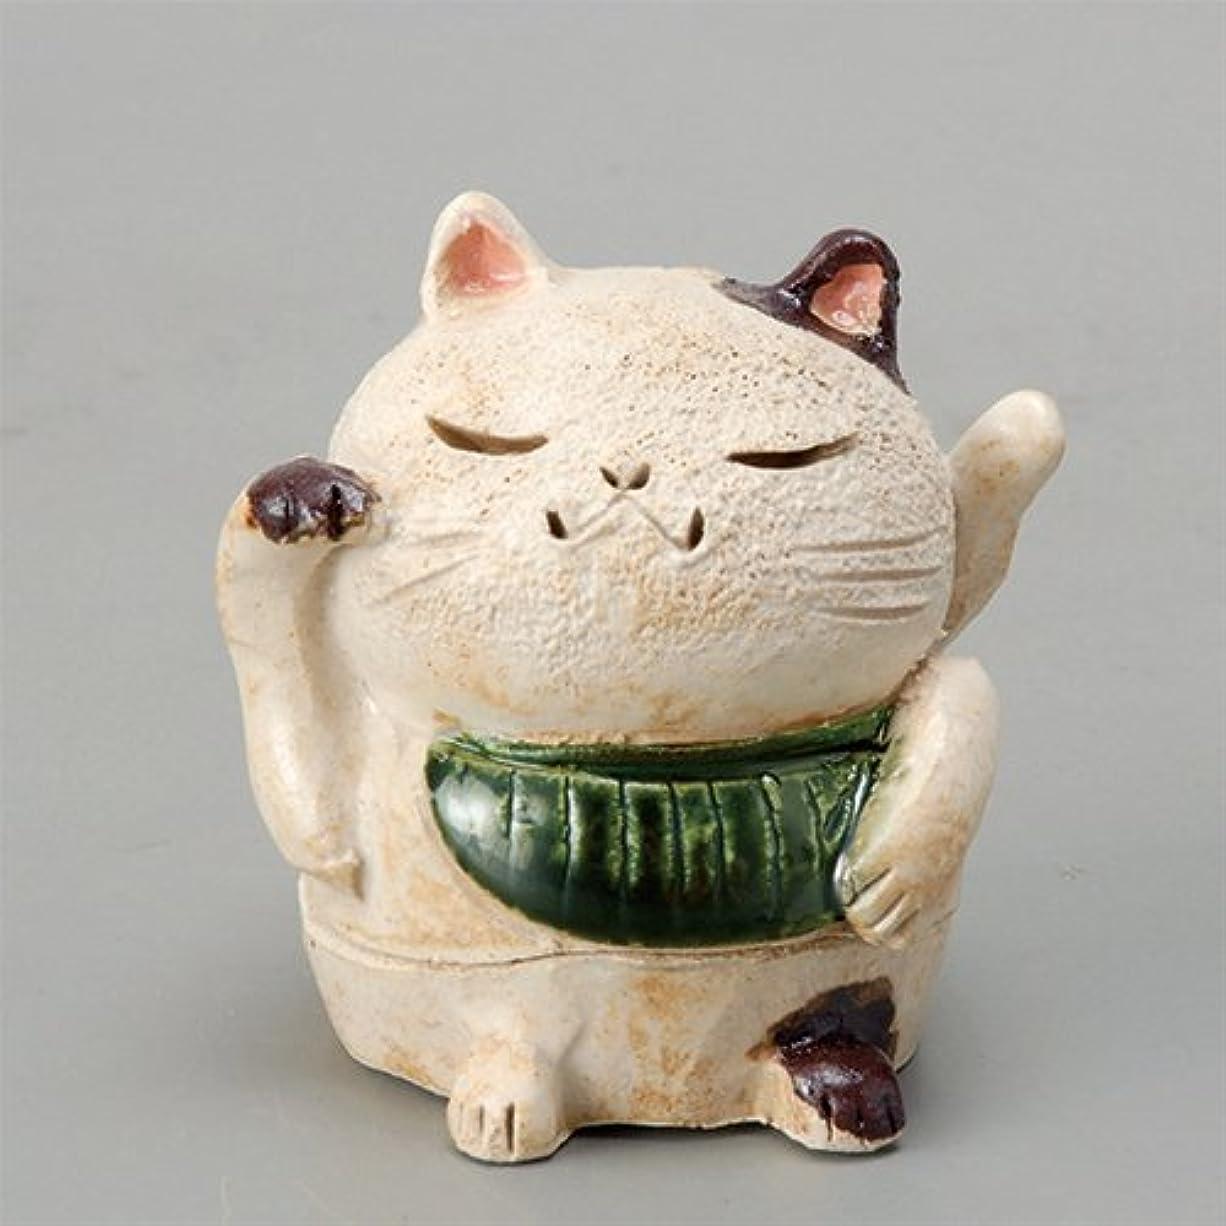 こねる変わる迫害する香炉 白萩 招き猫(お金)香炉(小) [H8cm] HANDMADE プレゼント ギフト 和食器 かわいい インテリア